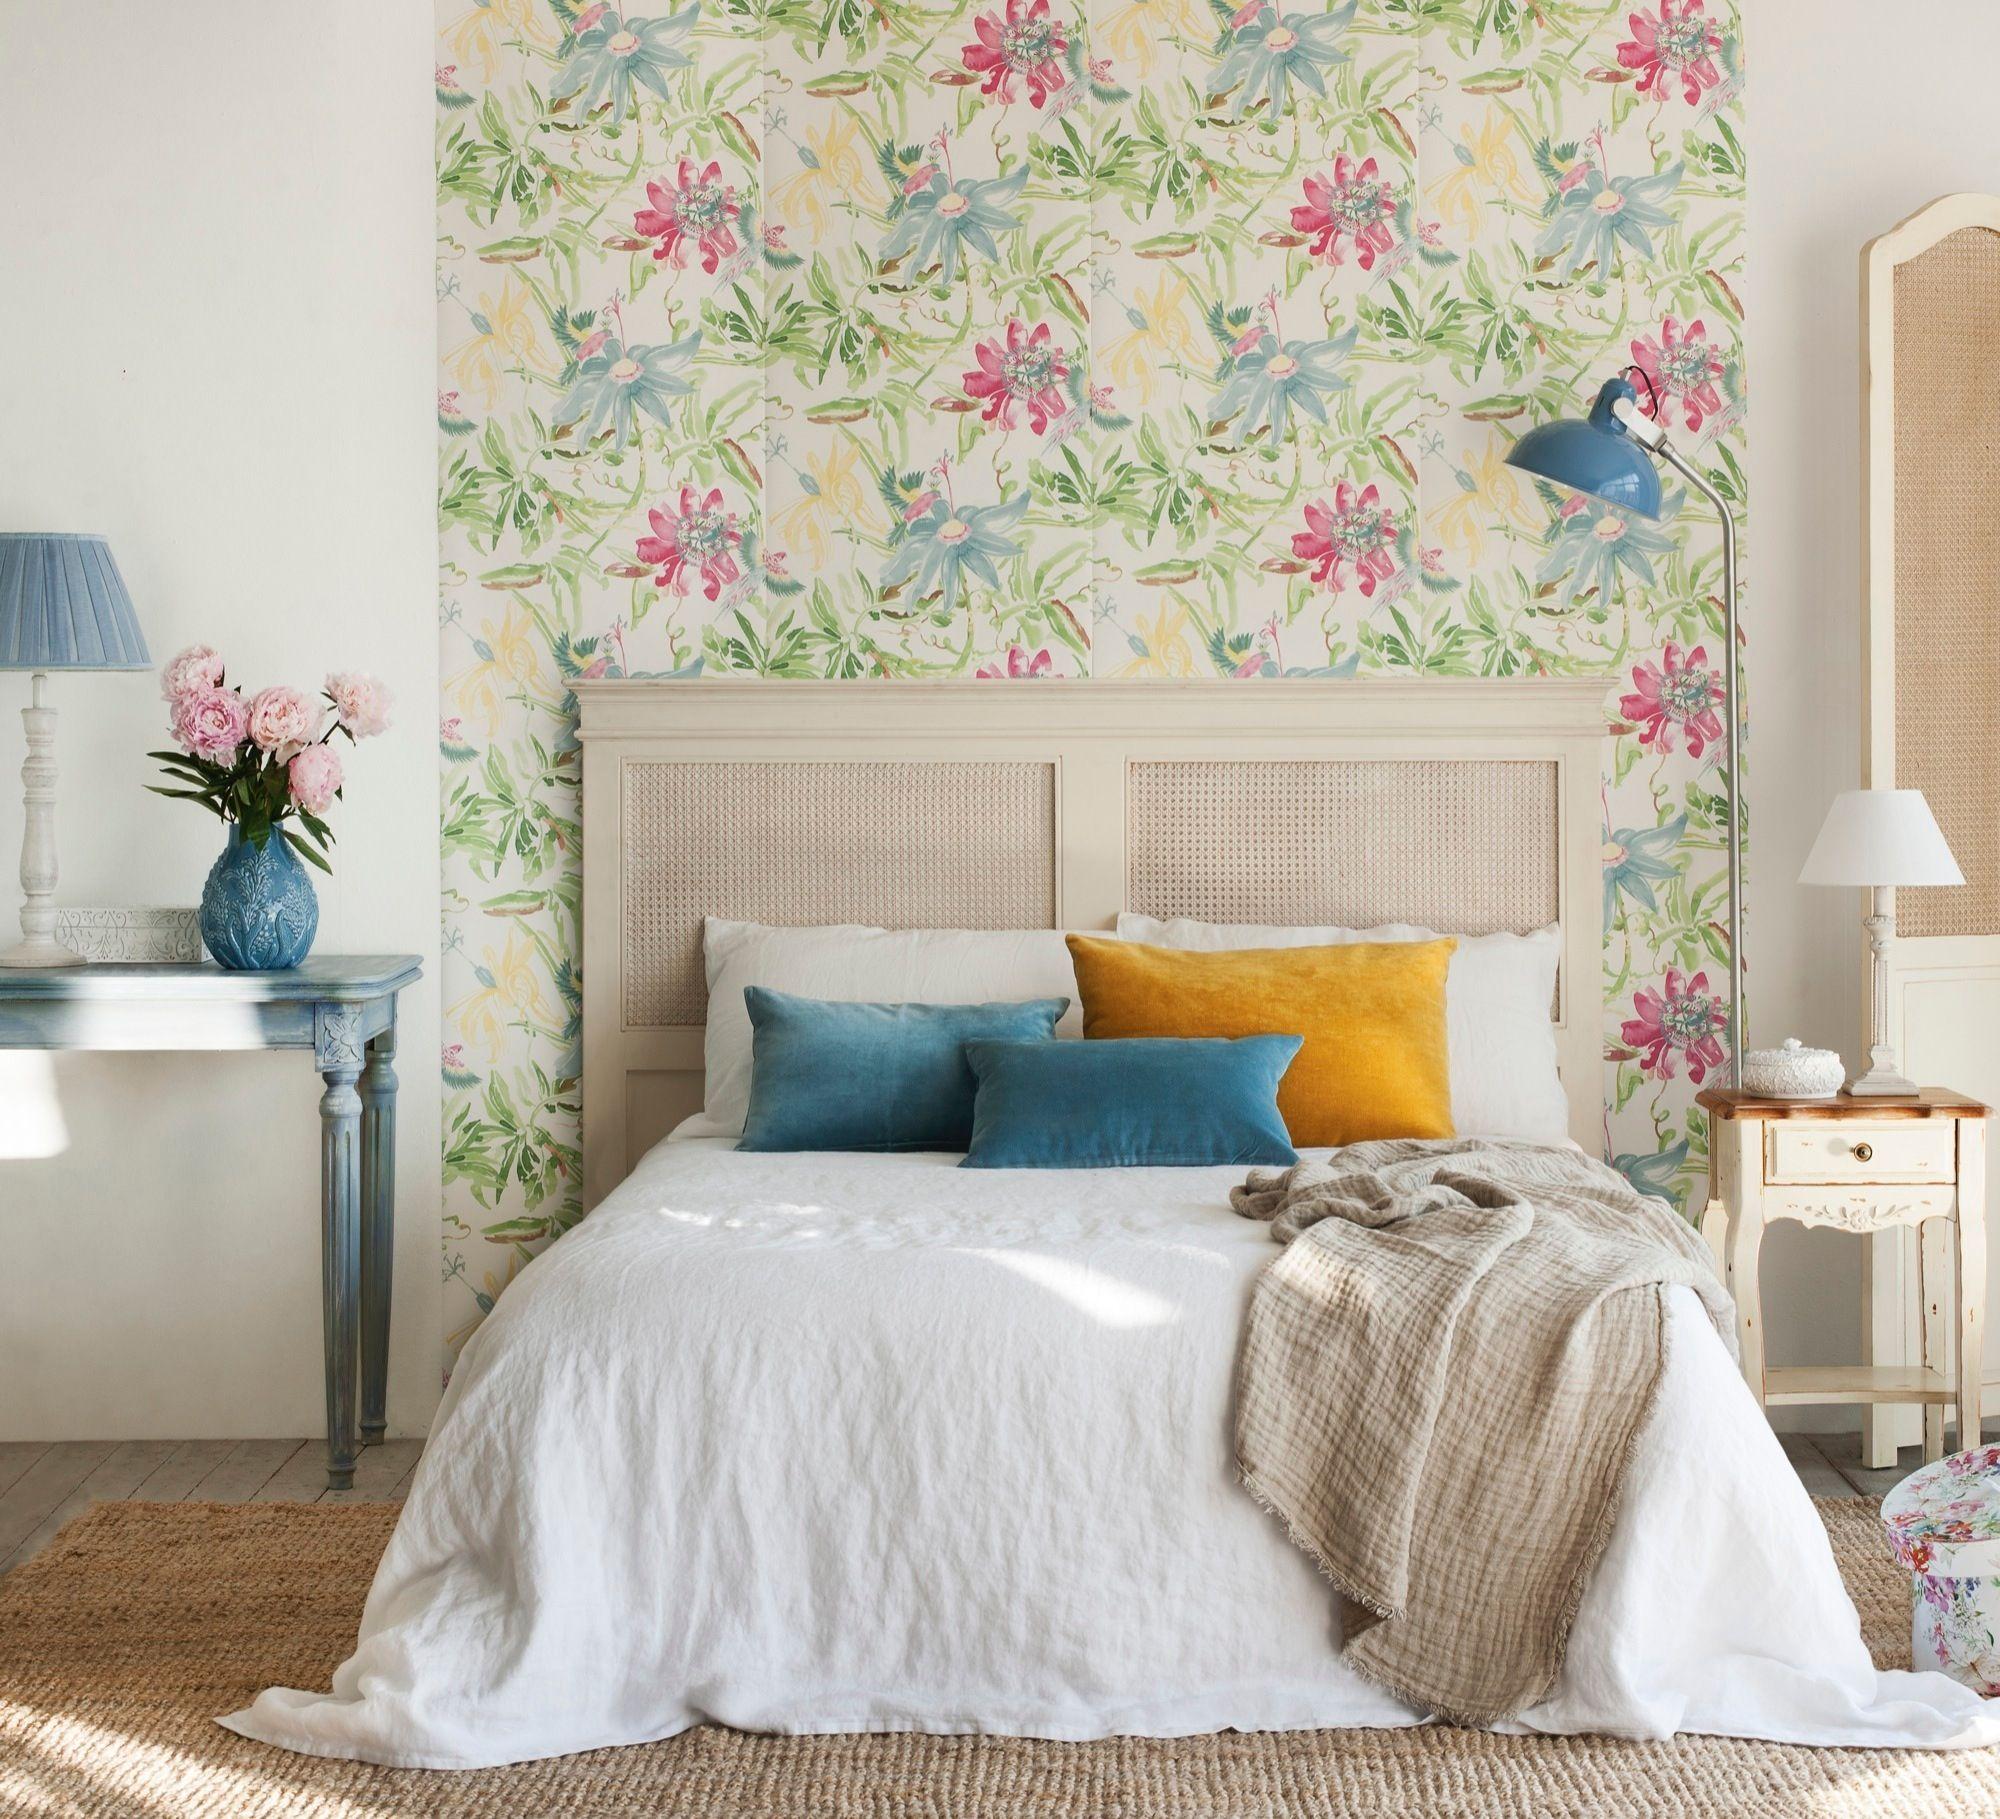 Cabecero enmarcado con papel pintado Pinterest Bedrooms Quartos